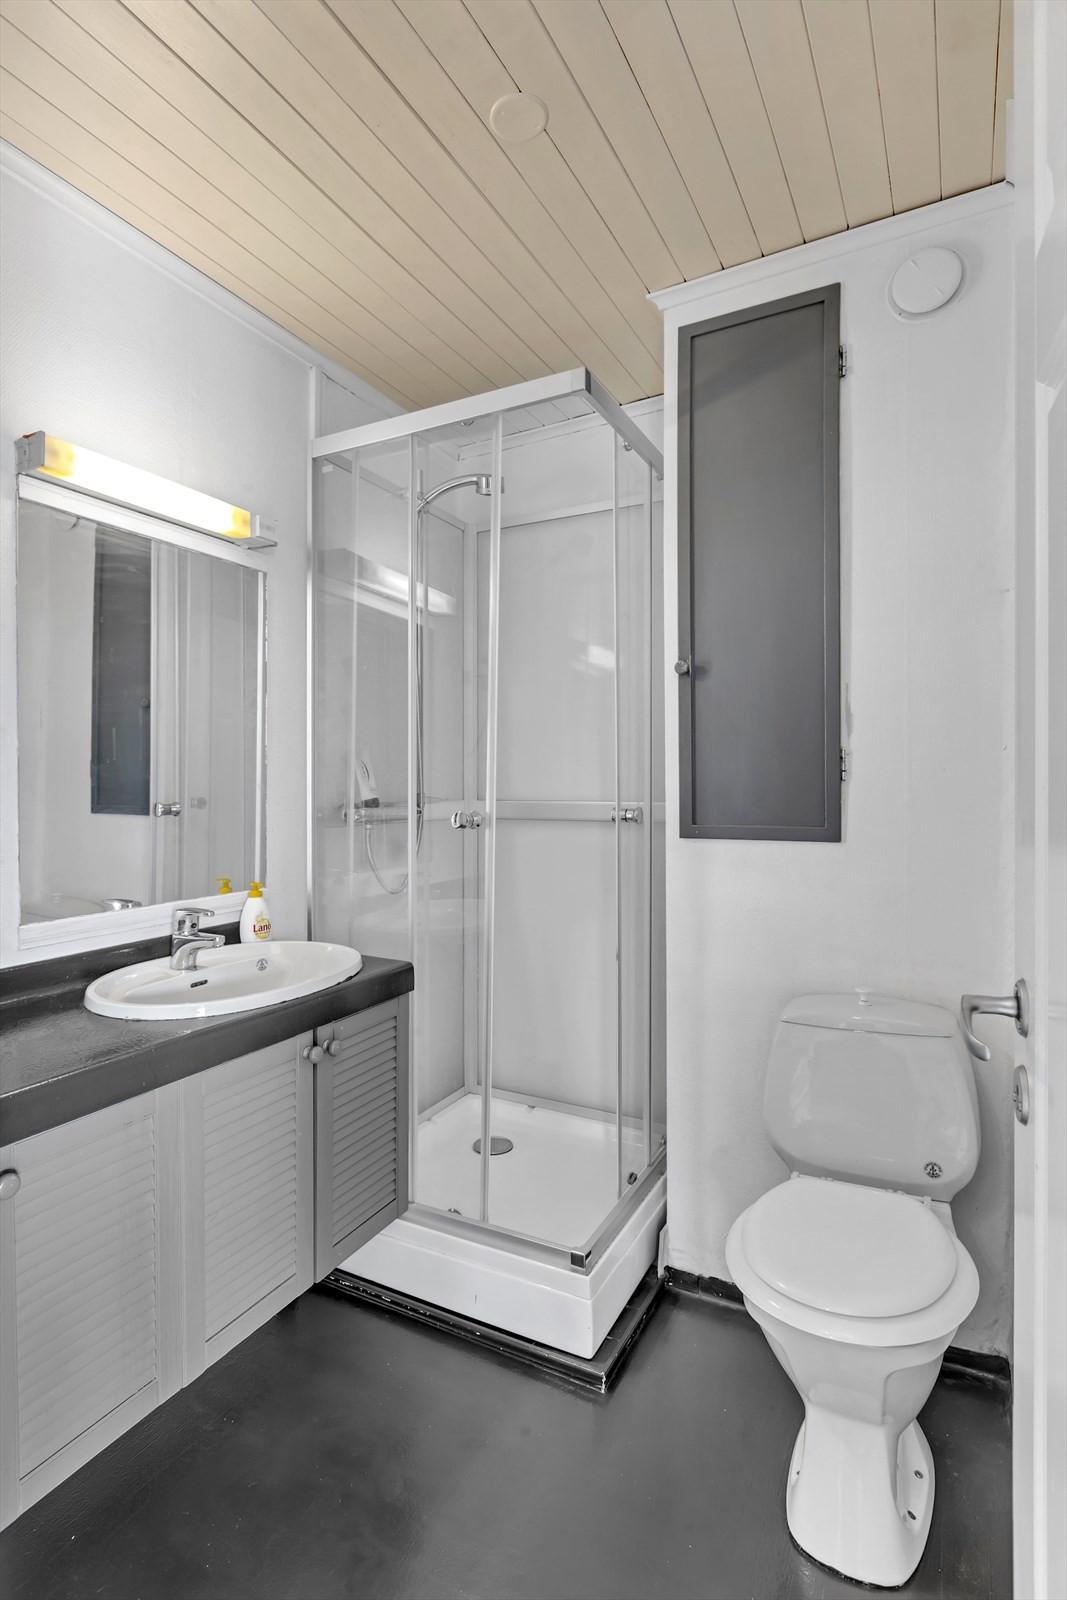 Badrom med toalett og dusjkabinett 1. etasje.